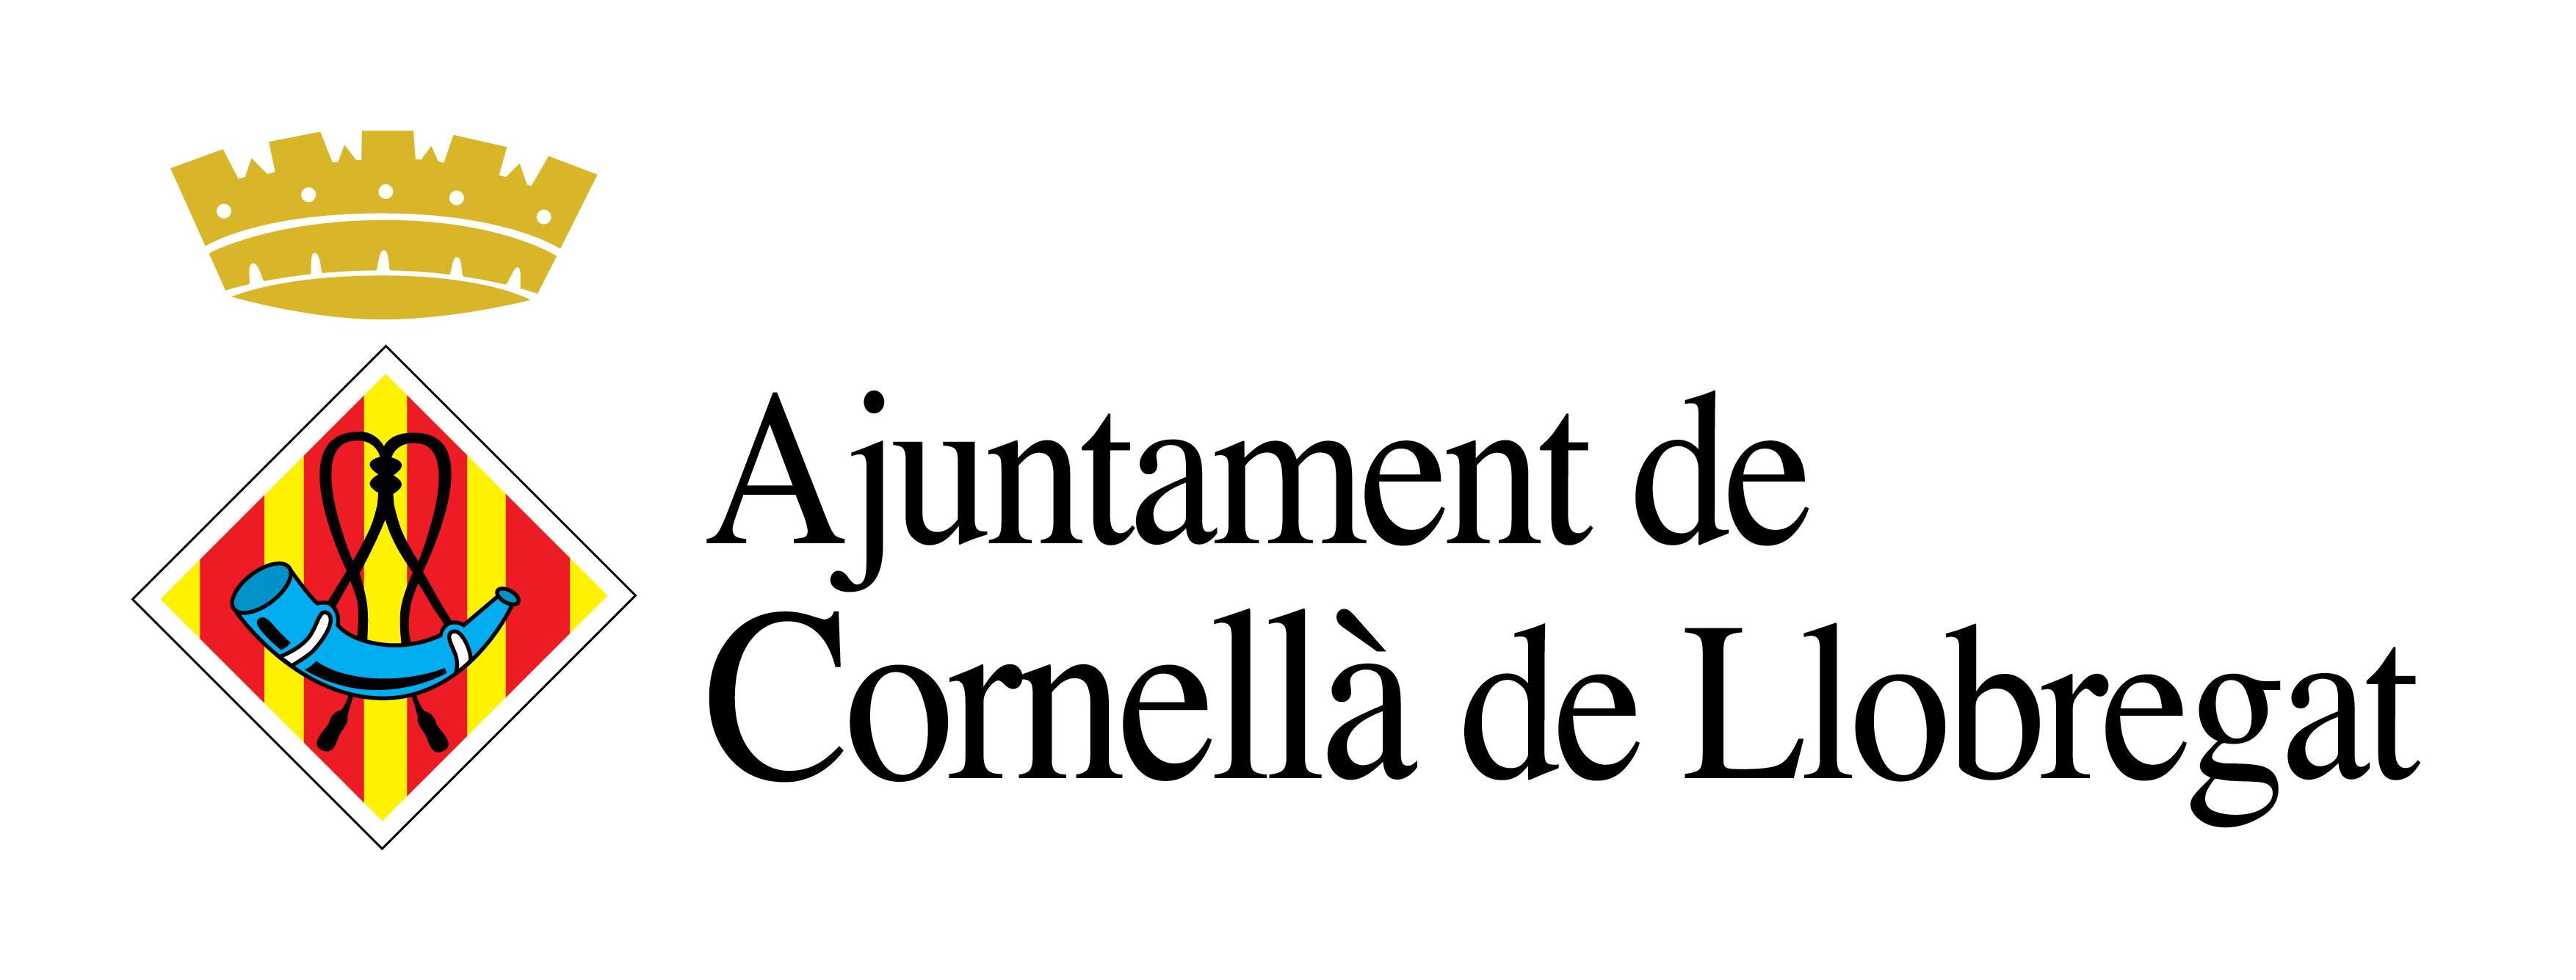 Imagen Corporativa del Ayuntamiento de Cornellà - Ayuntamiento de Cornellà